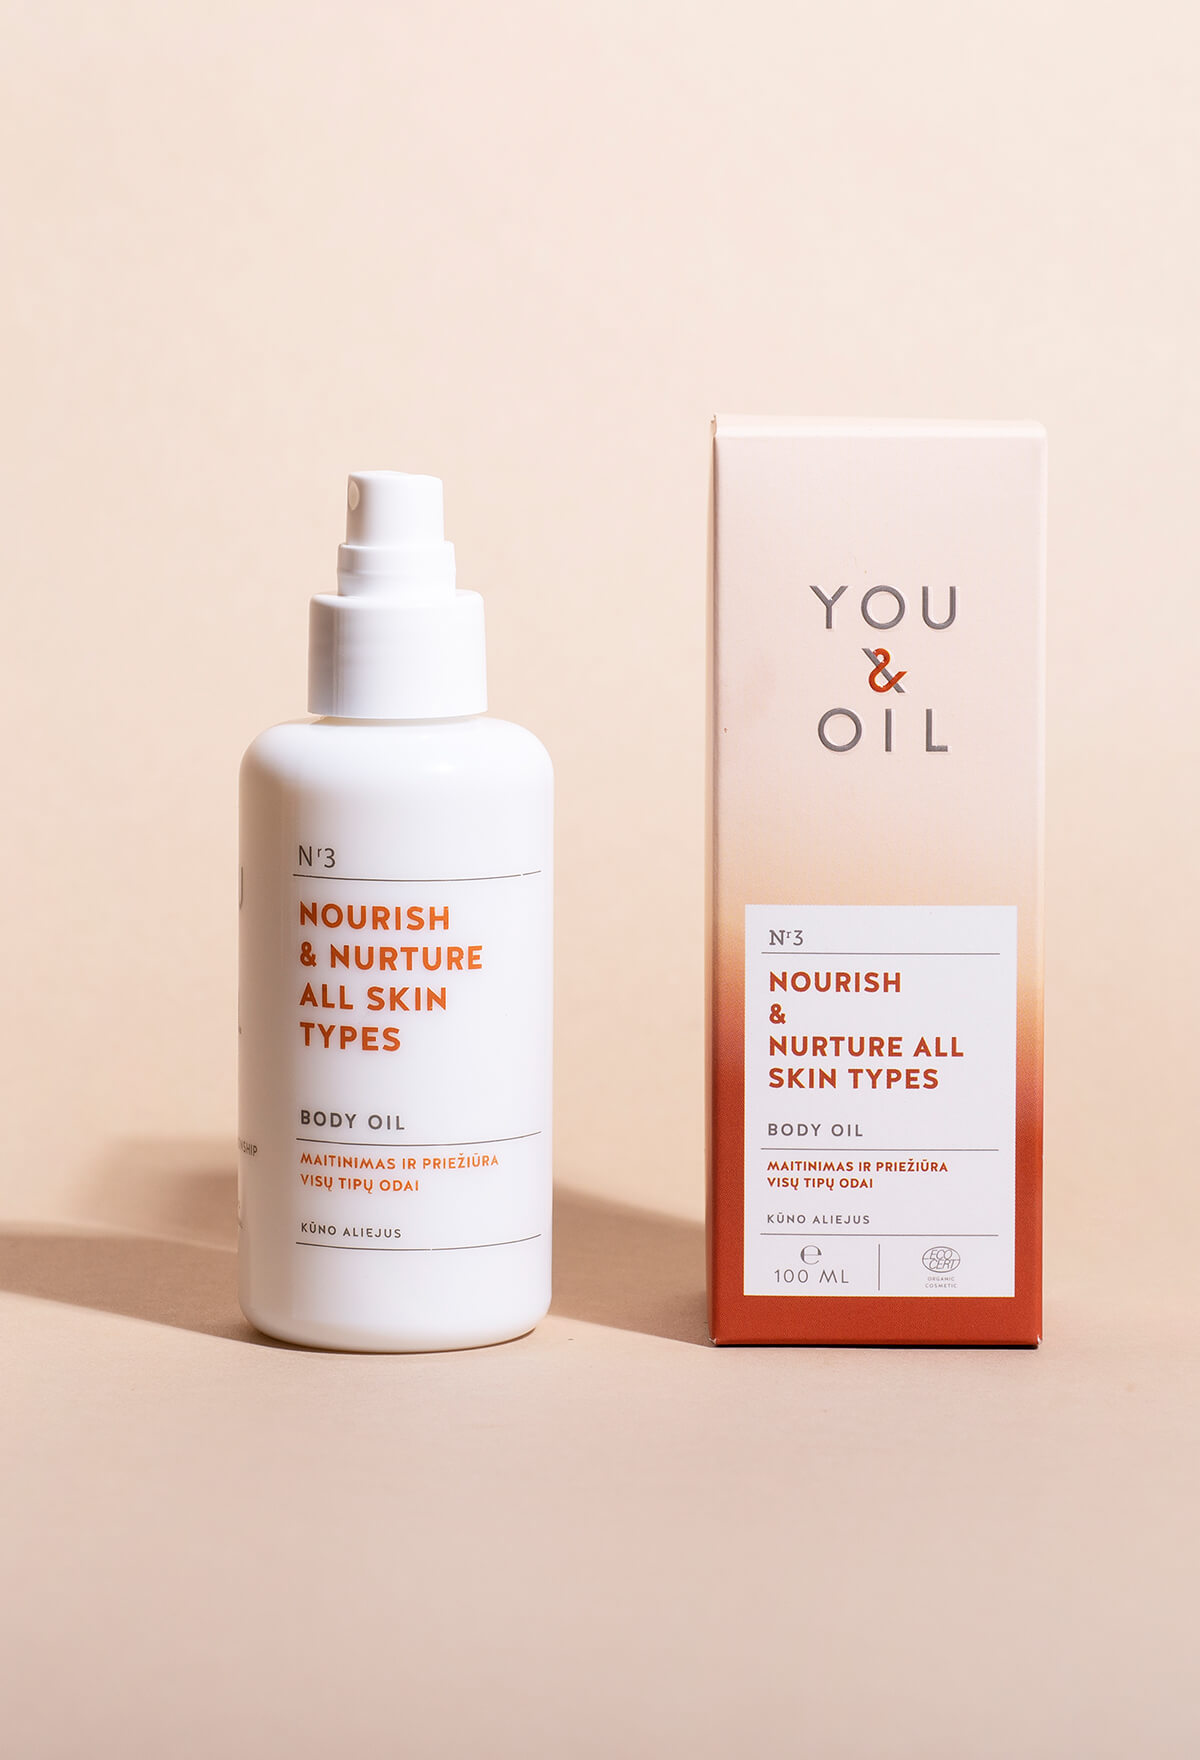 1300Nourish & Nurture All Skin Types